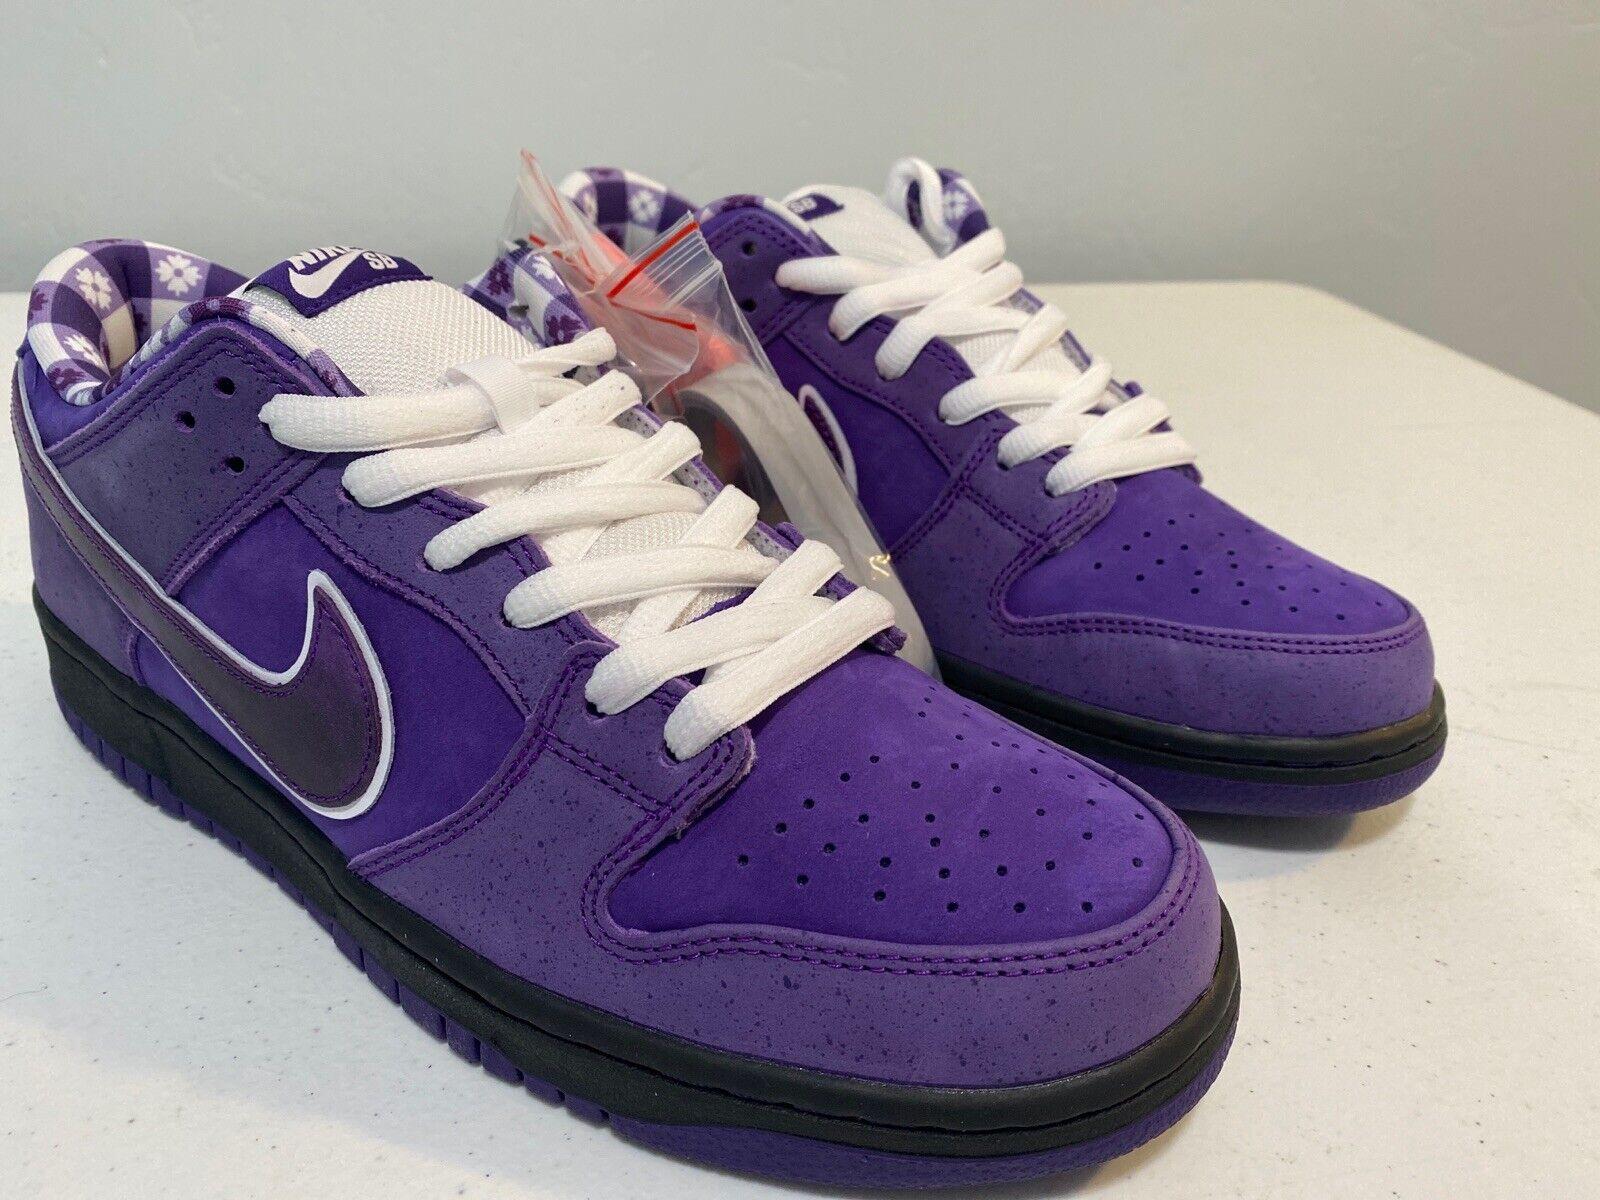 Nike Dunk Low SB Purple Lobster Size 10